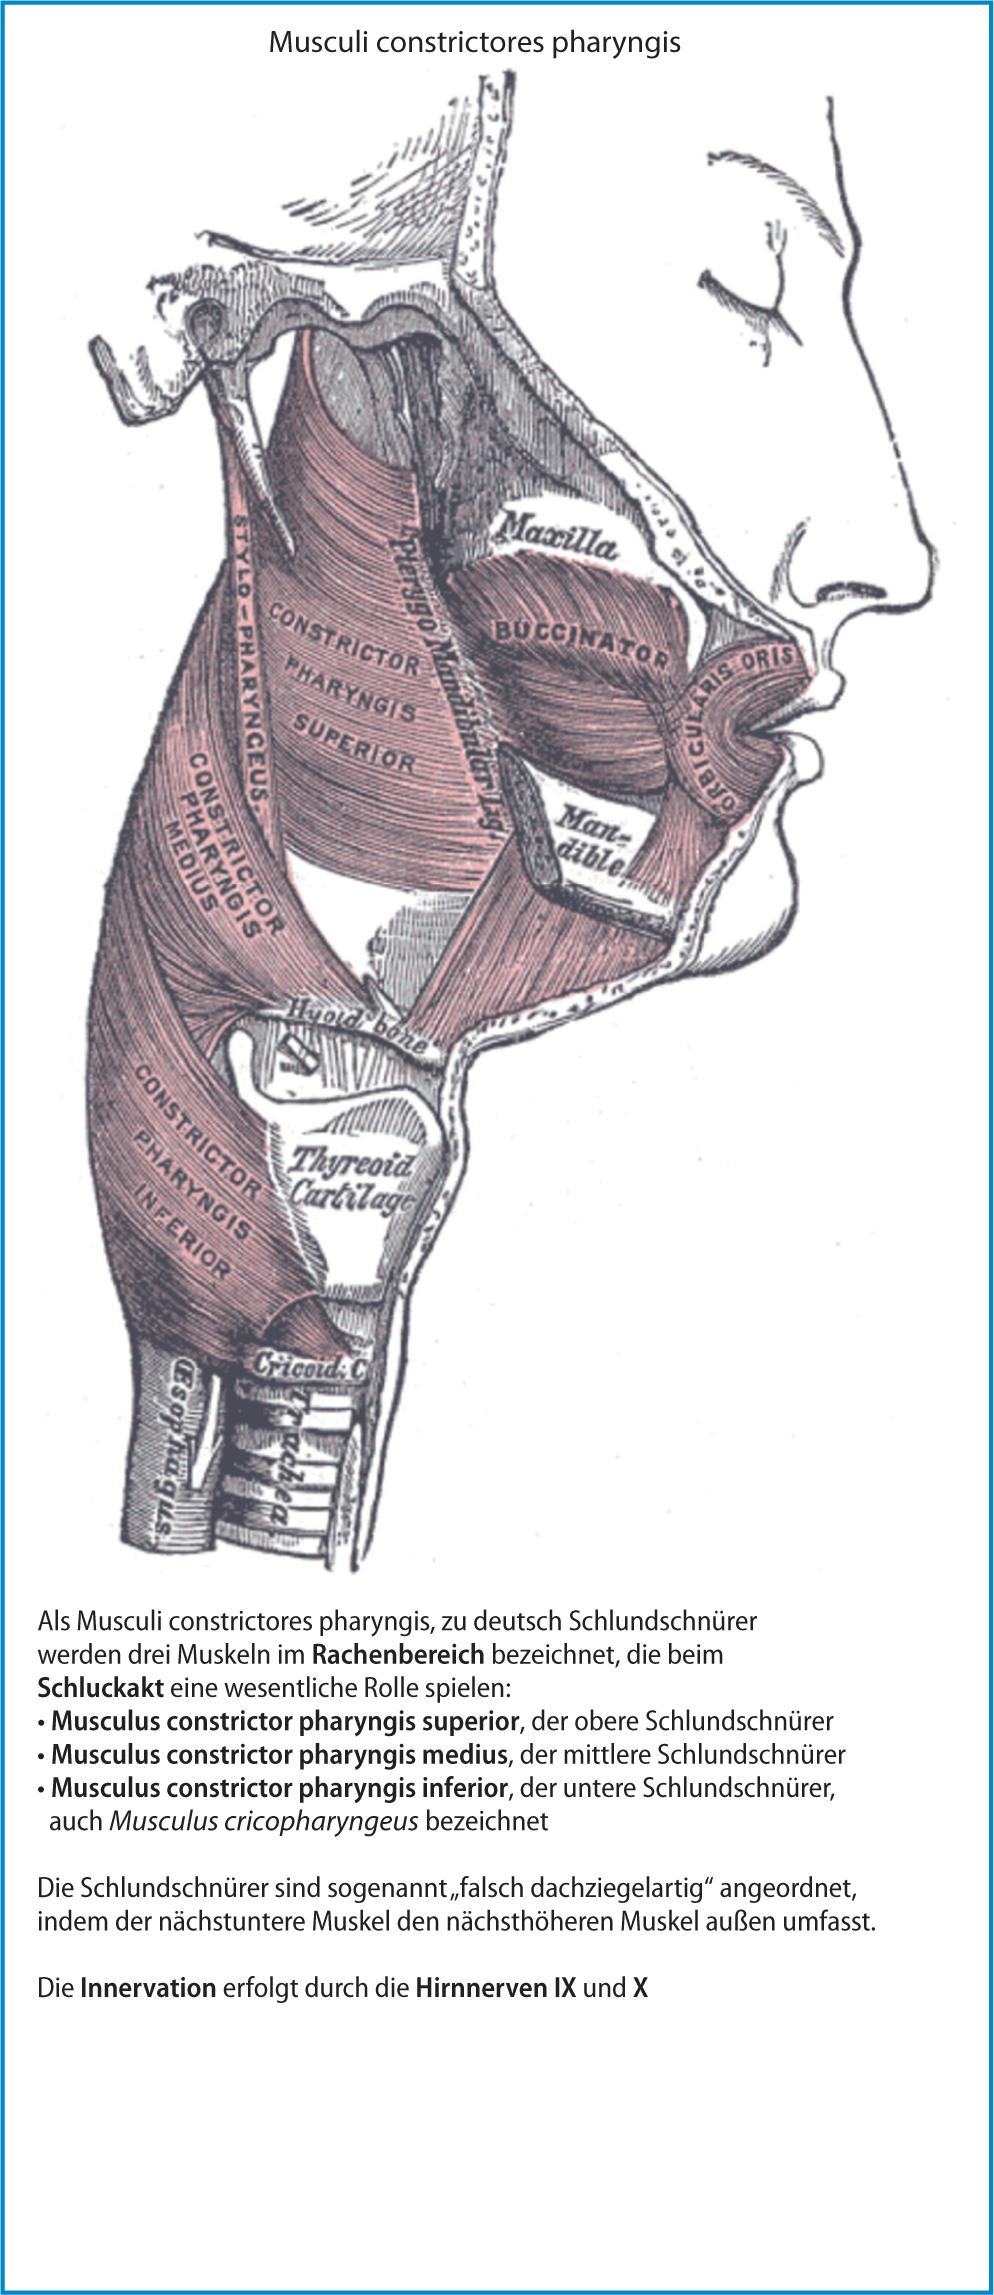 Ausgezeichnet Muskeln Von Kopf Und Hals Fotos - Menschliche Anatomie ...